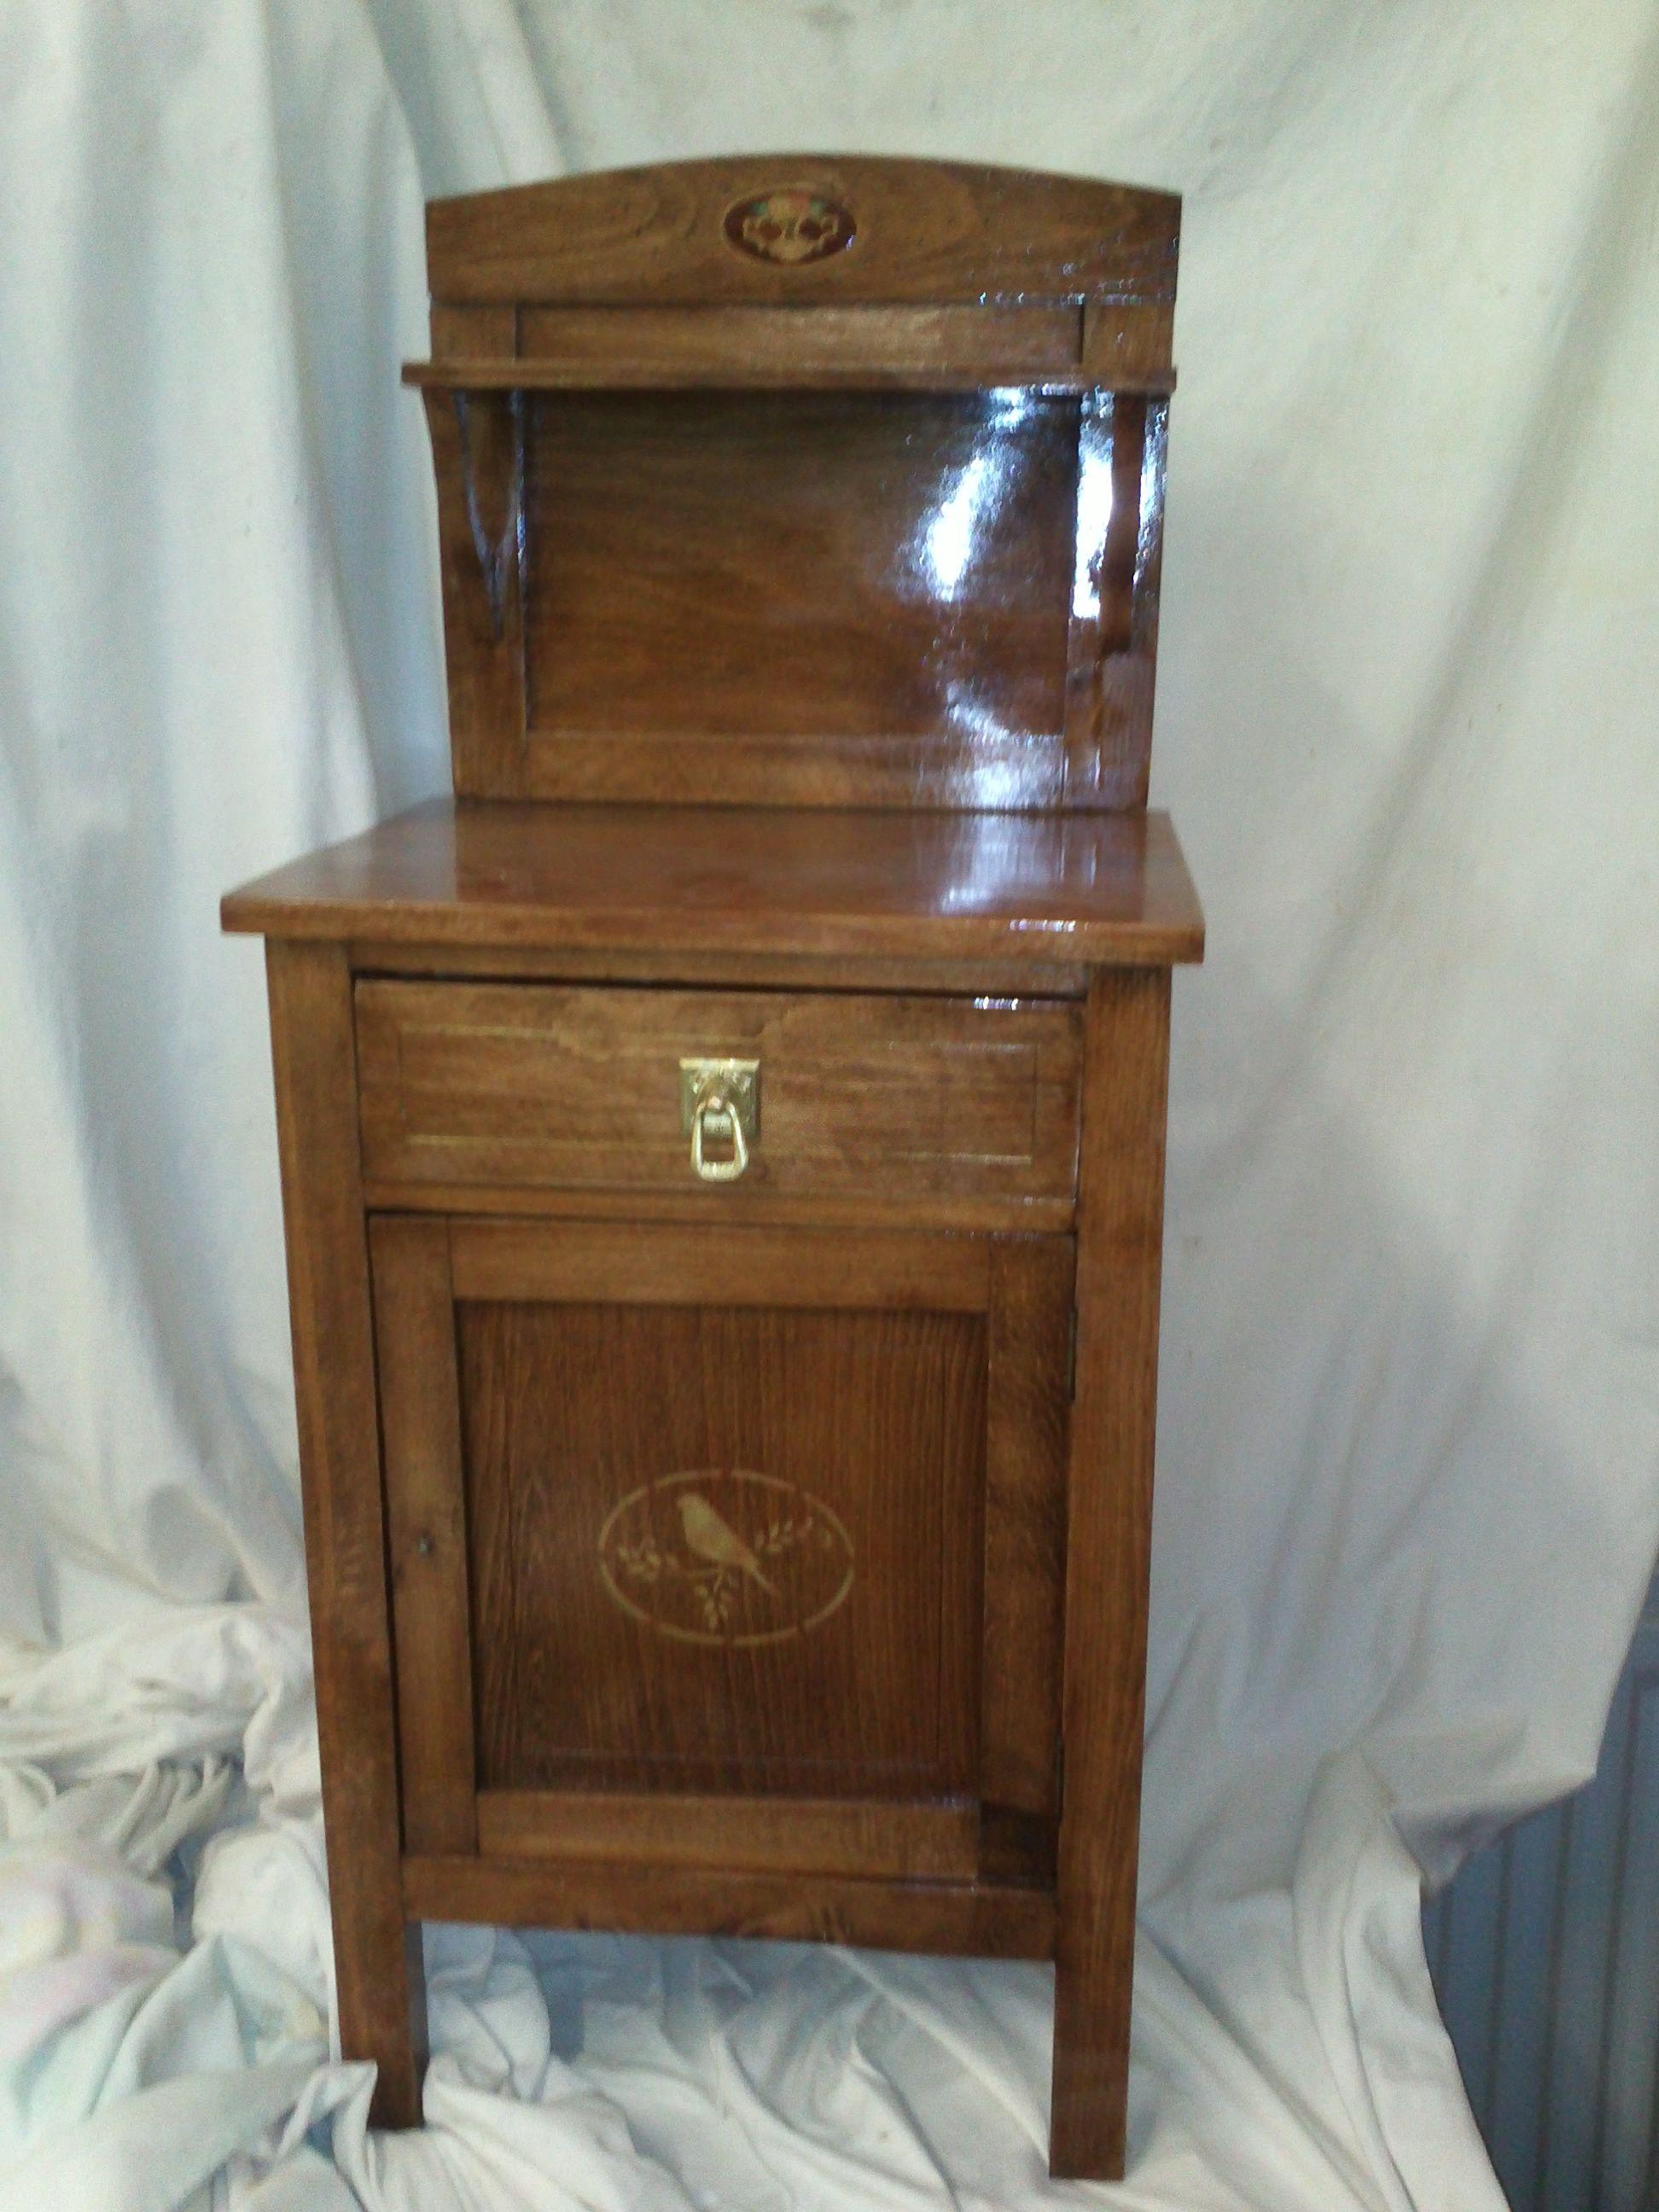 Mesita de noche restaurada como original muebles restaurados pinterest mesita de noche - Mesita noche original ...